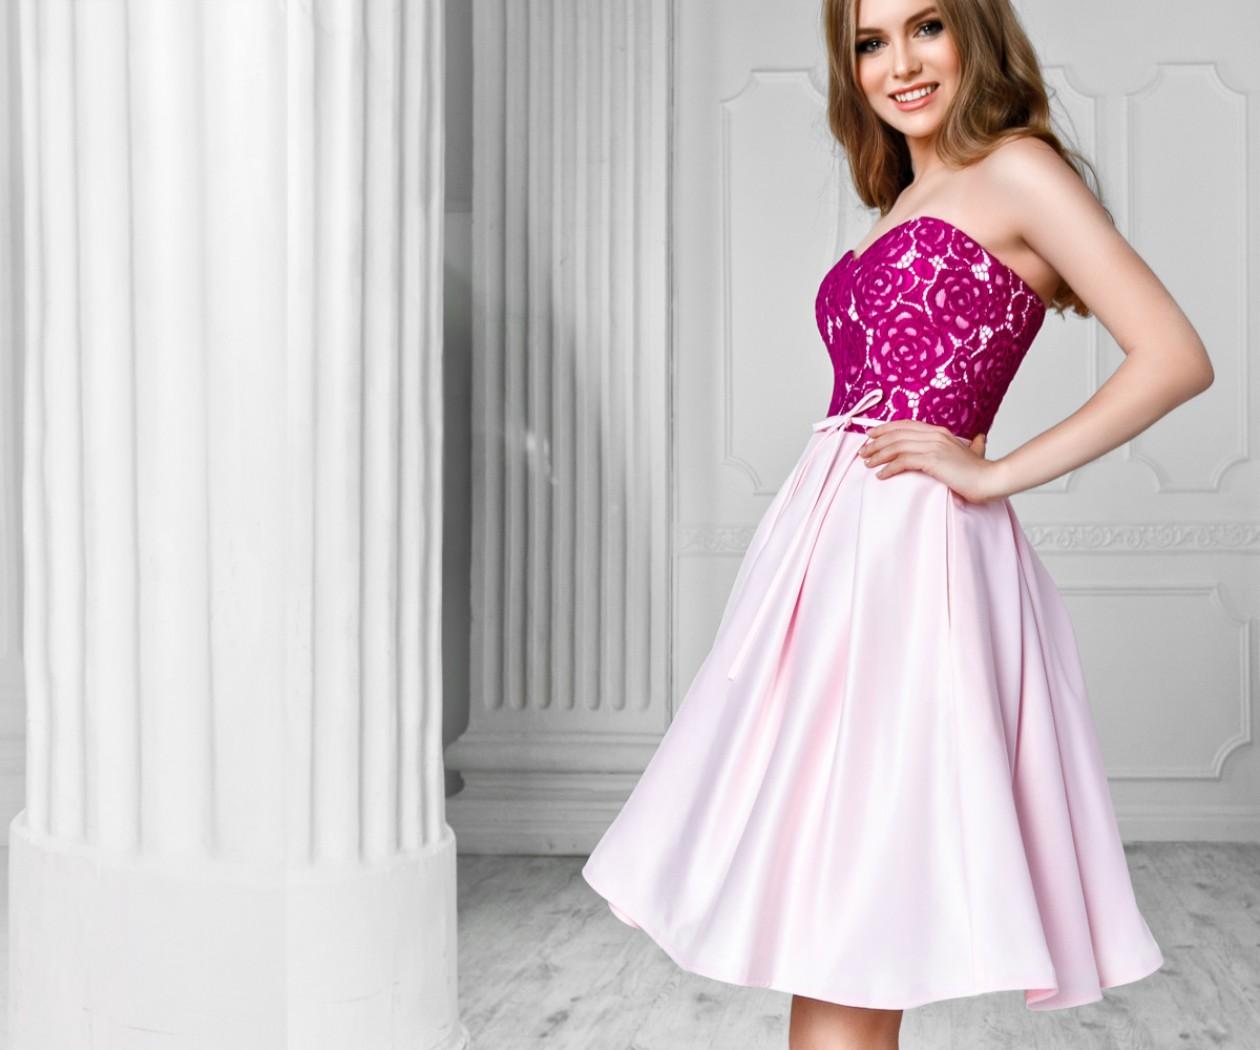 Кокетливое платье с укороченной атласной юбкой и ярким кружевным лифом БЕАТА Мини